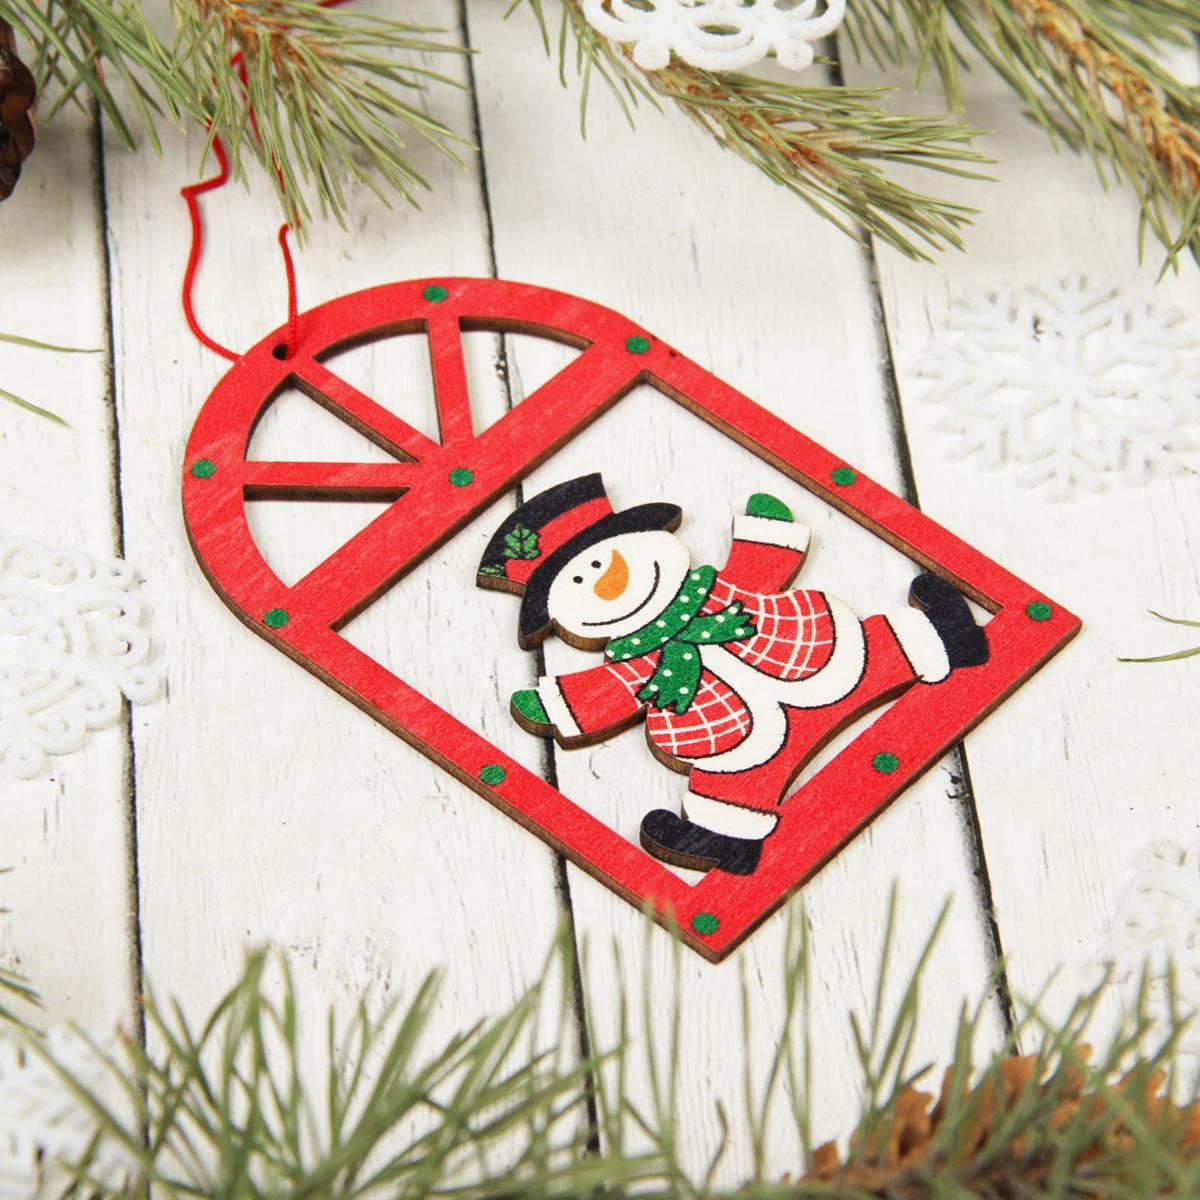 Украшение новогоднее подвесное Sima-land Снеговичок в окне, 10 х 6,5 см2303280Невозможно представить нашу жизнь без праздников! Мы всегда ждём их и предвкушаем, обдумываем, как проведём памятный день, тщательно выбираем подарки и аксессуары, ведь именно они создают и поддерживают торжественный настрой.